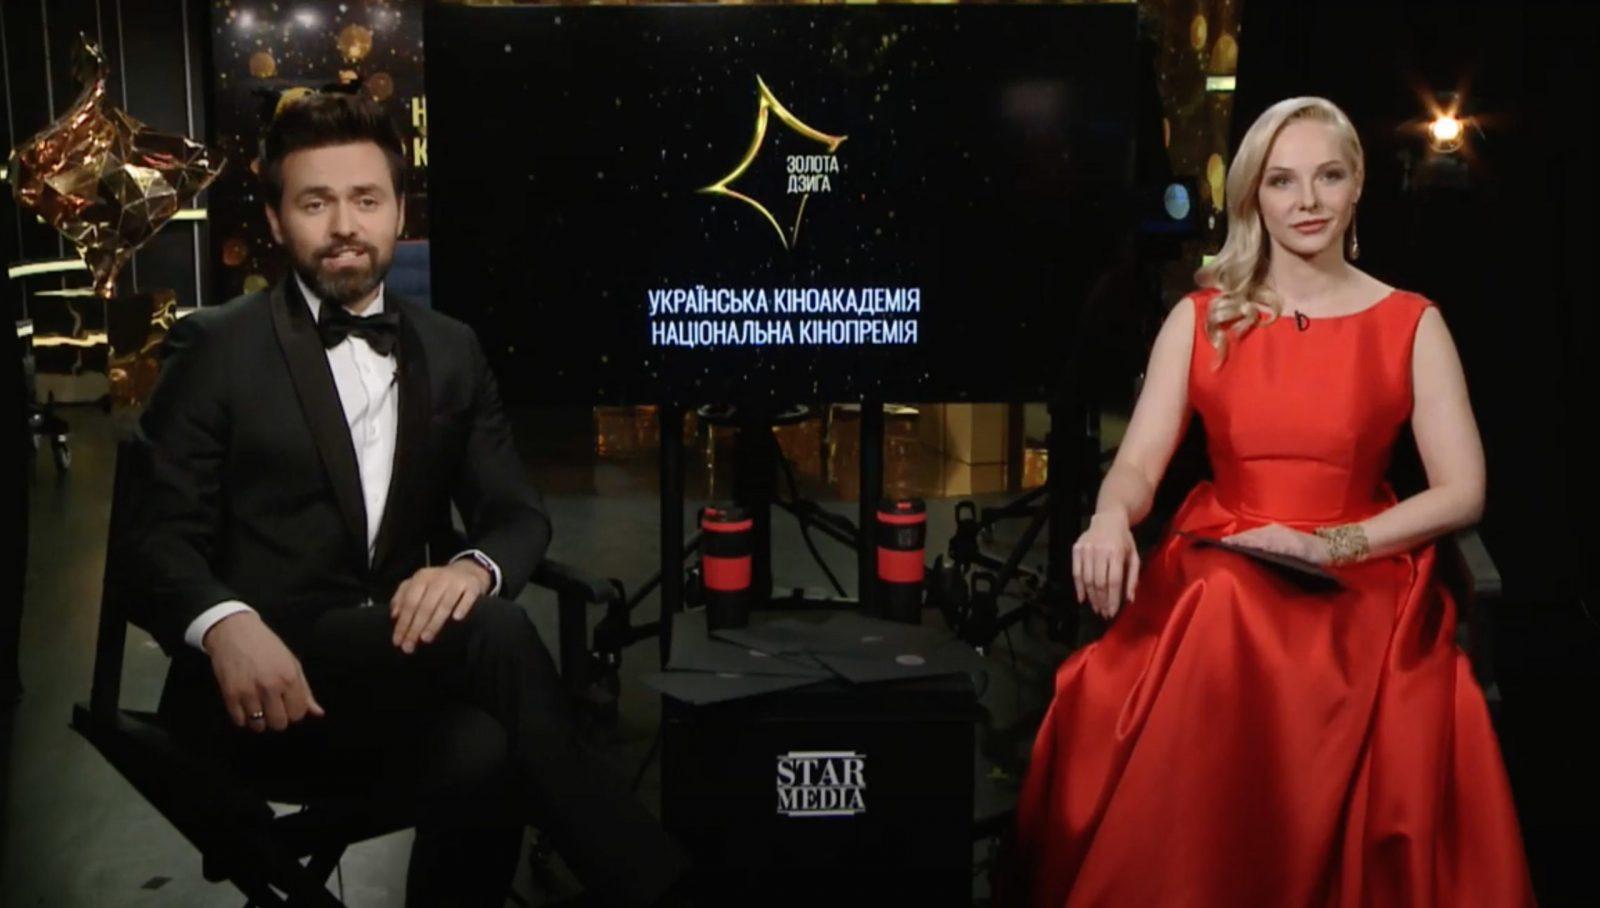 «Золотая Дзыга 2020»: все победители национальной кинопремии